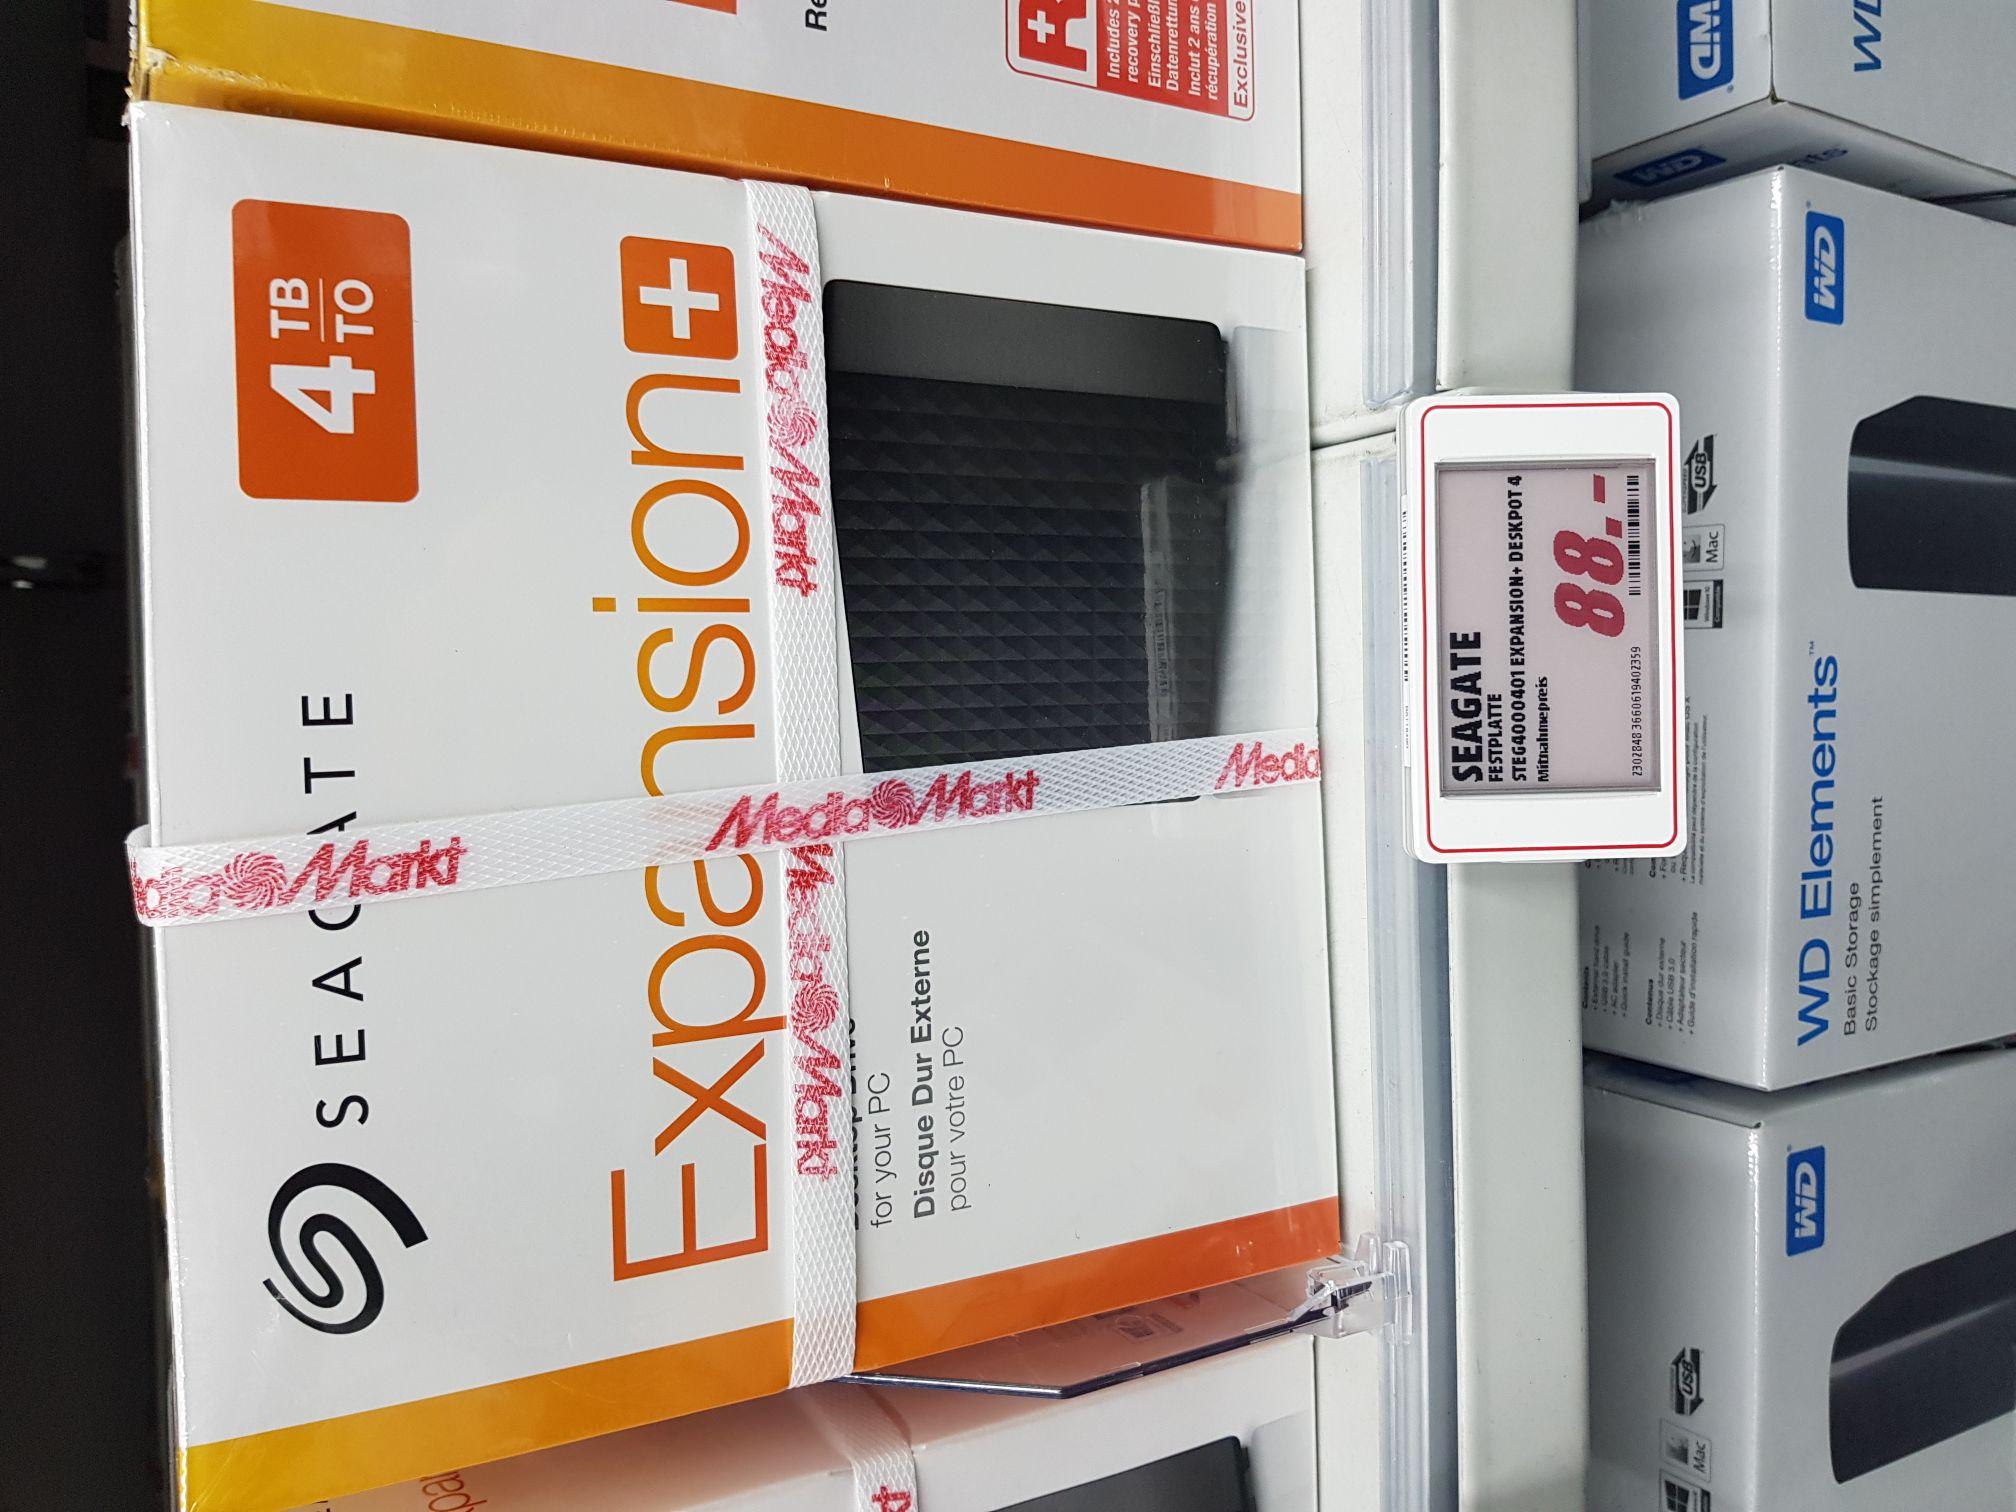 [LOKAL Mediamarkt Berlin Schloßstr] Seagate 4TB 3,5Zoll Externe Festplatte